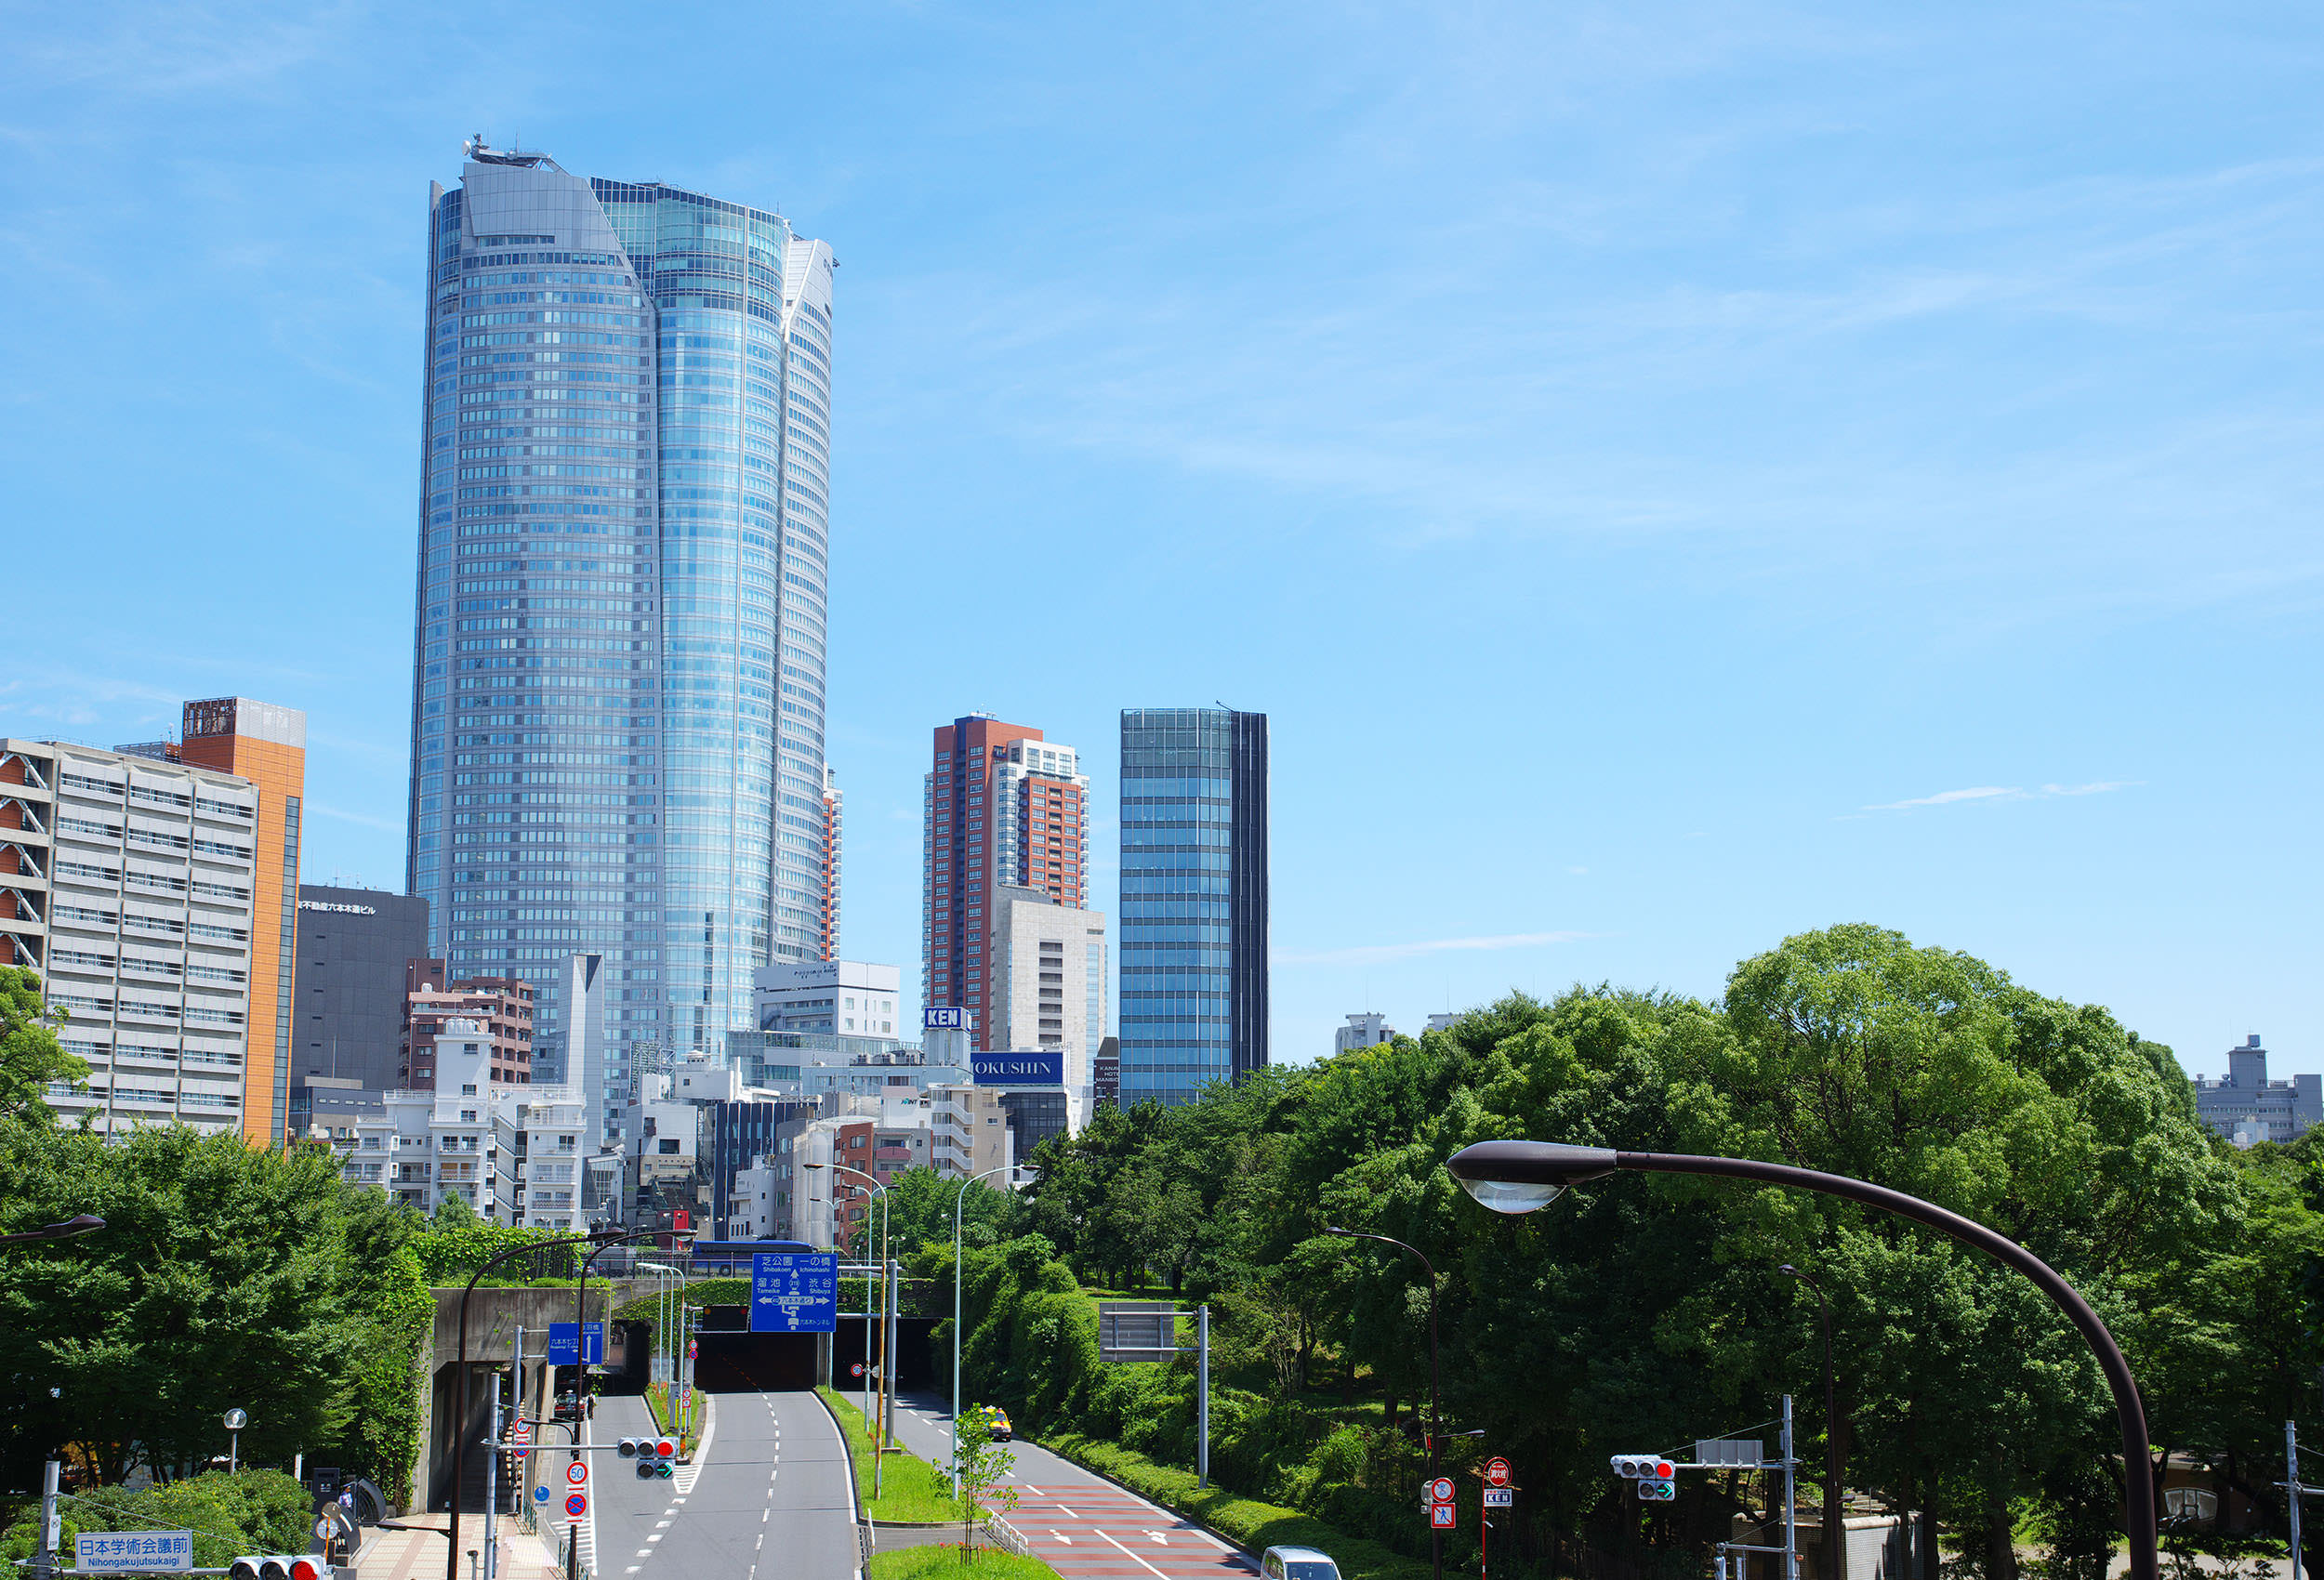 レンタル撮影スタジオのエリア: 六本木・麻布・赤坂